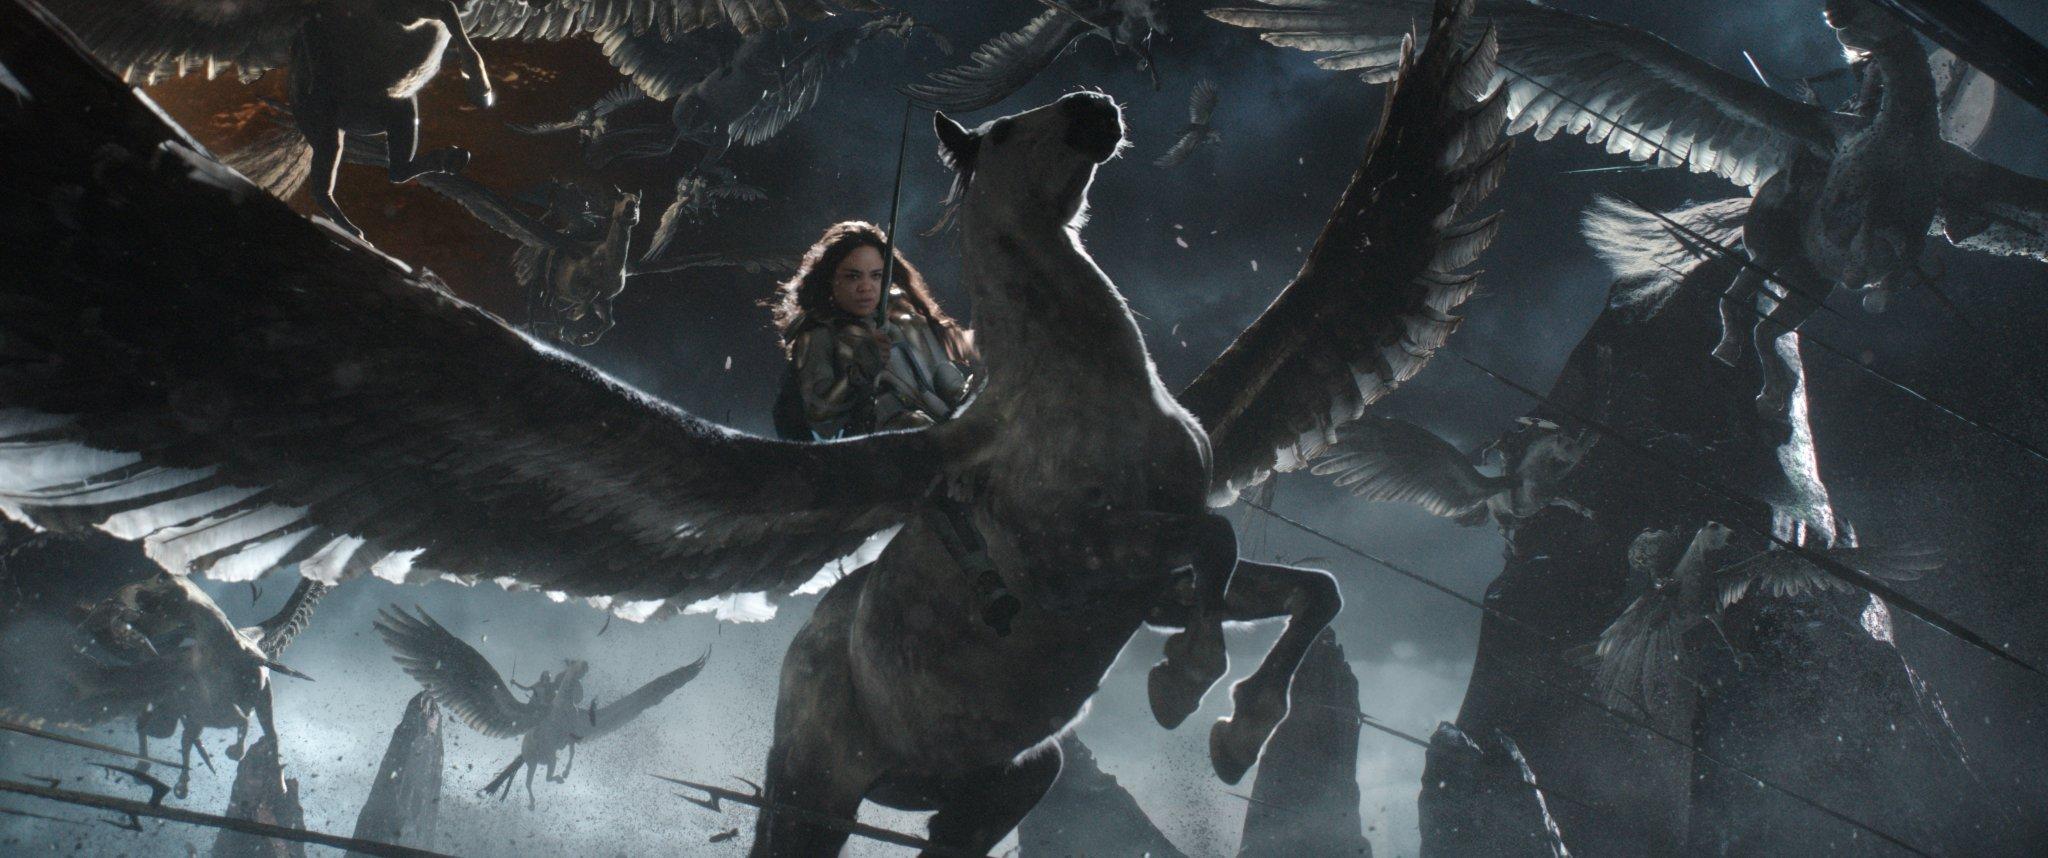 Photo de Thor: Ragnarok avec Tessa Thompson (Valkyrie) sur un cheval ailé